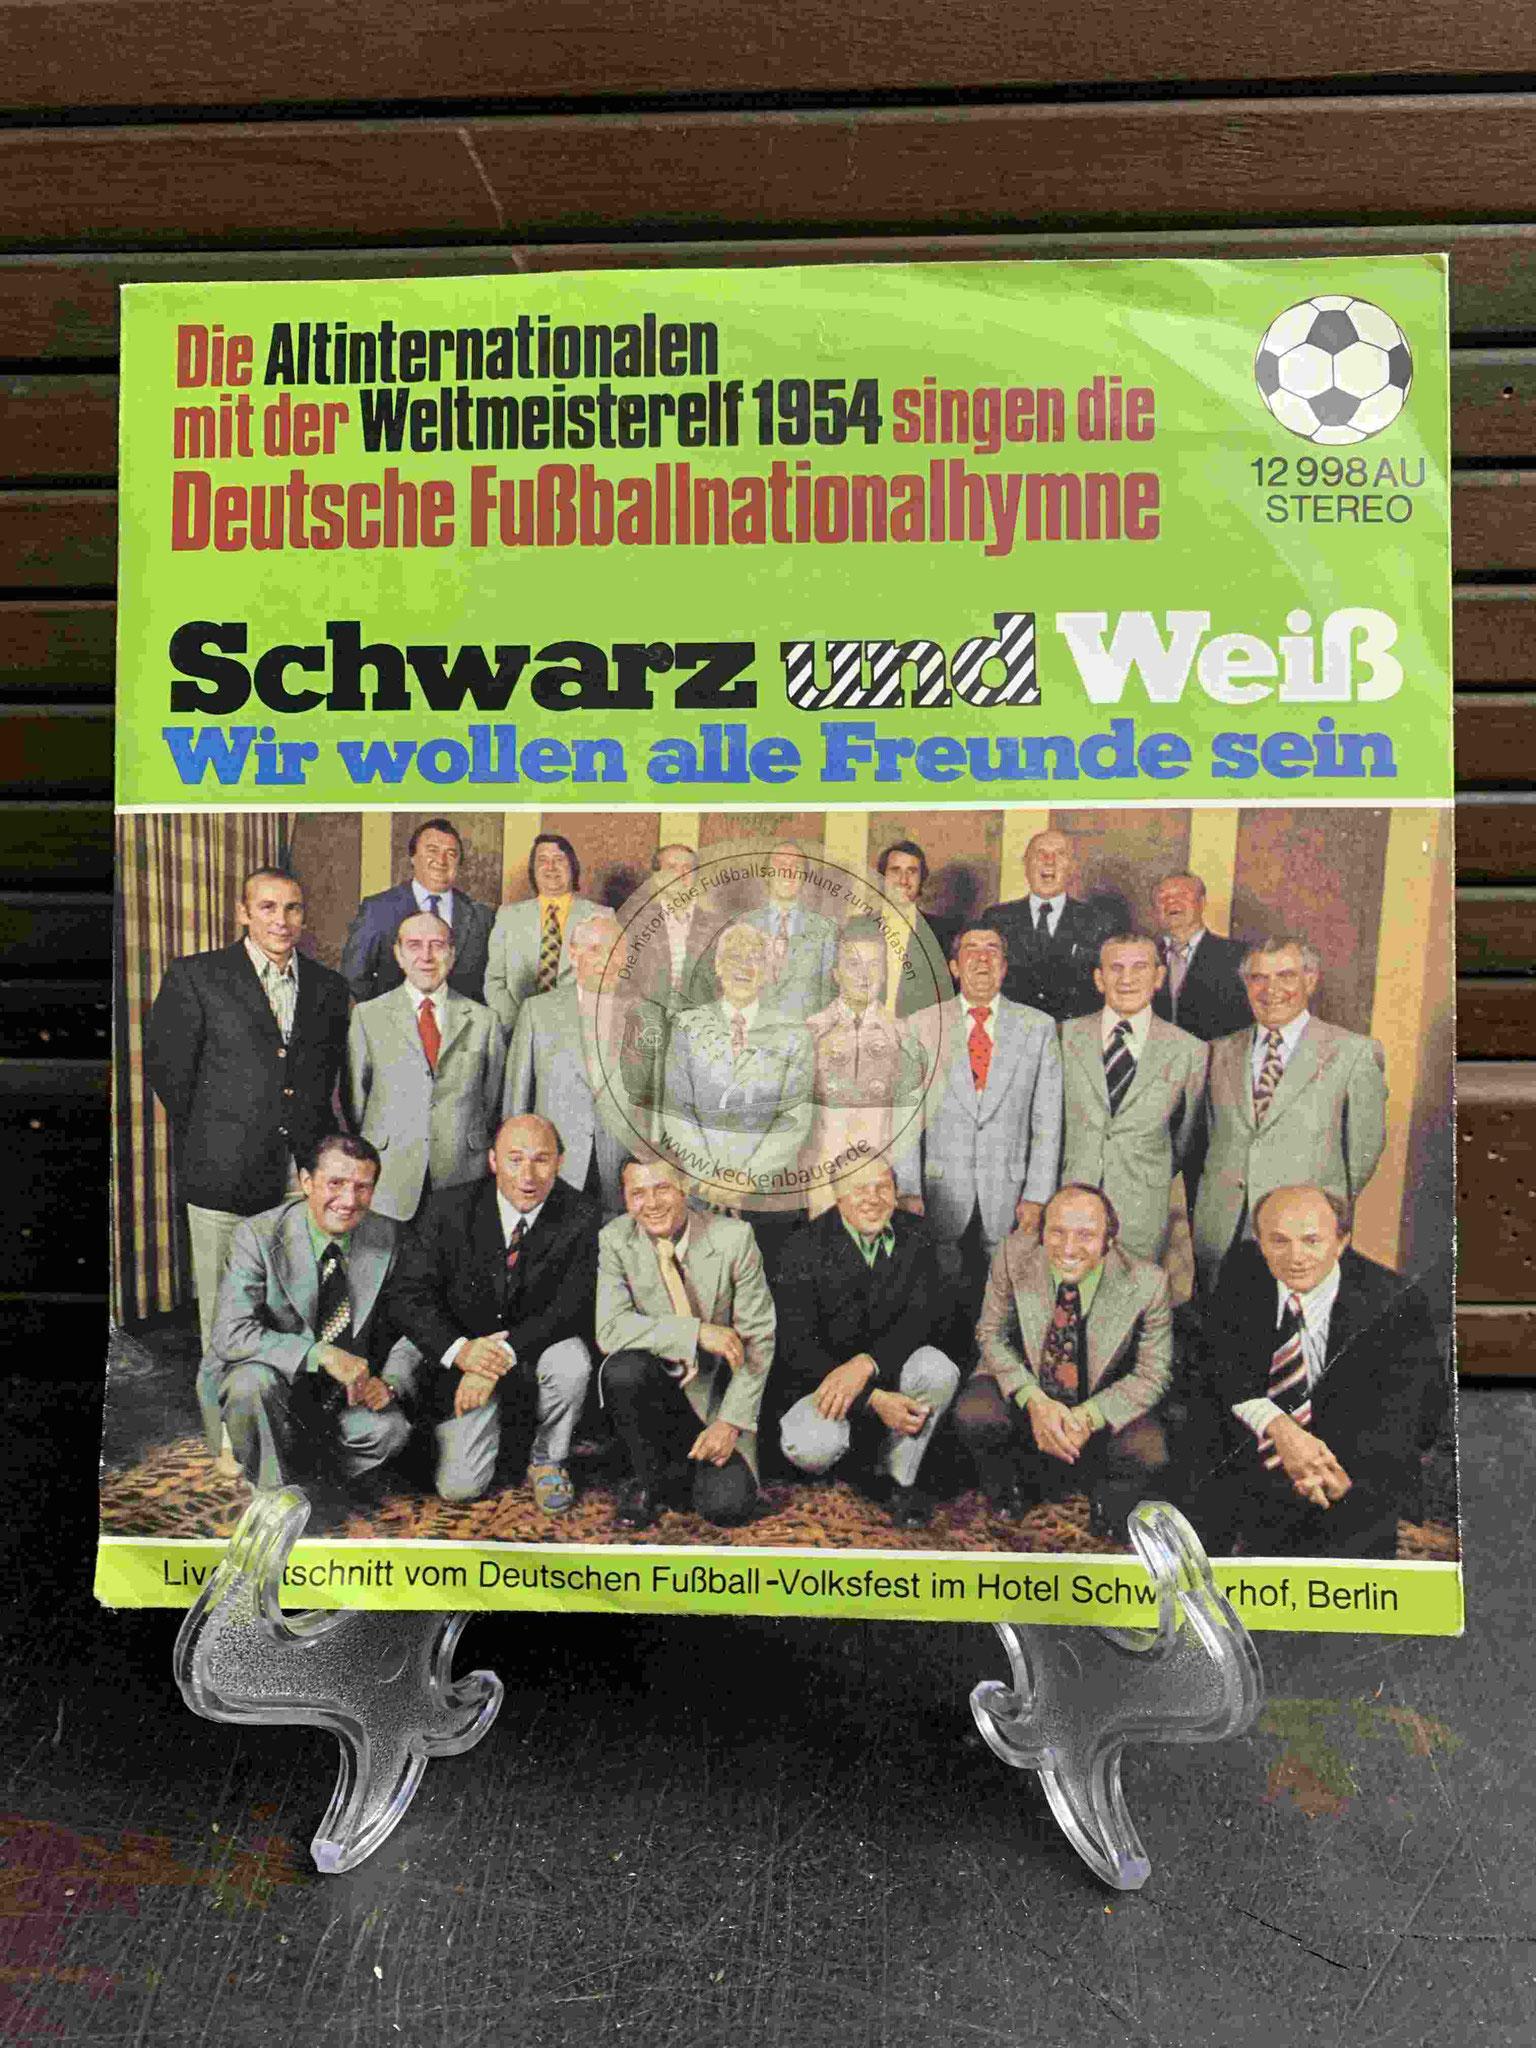 1973 Die Altinternationalen mit der Weltmeisterelf 1954 singen die Deutsche Nationalhymne